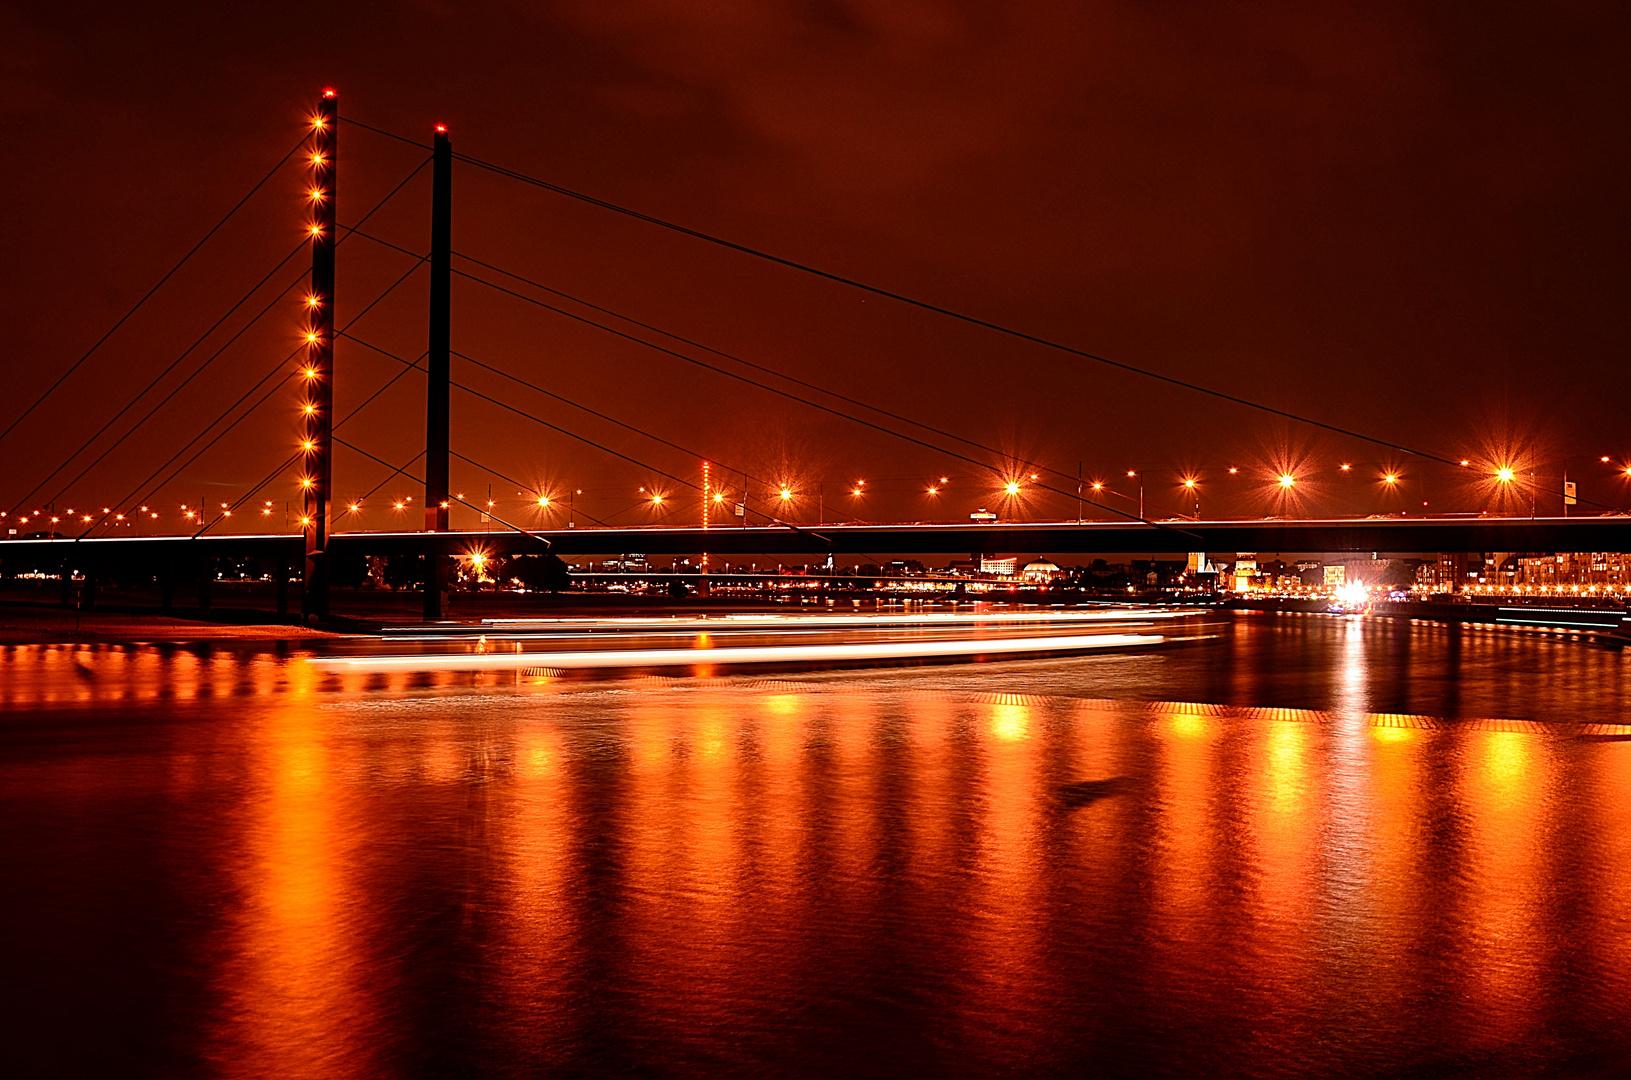 Der warme Rhein